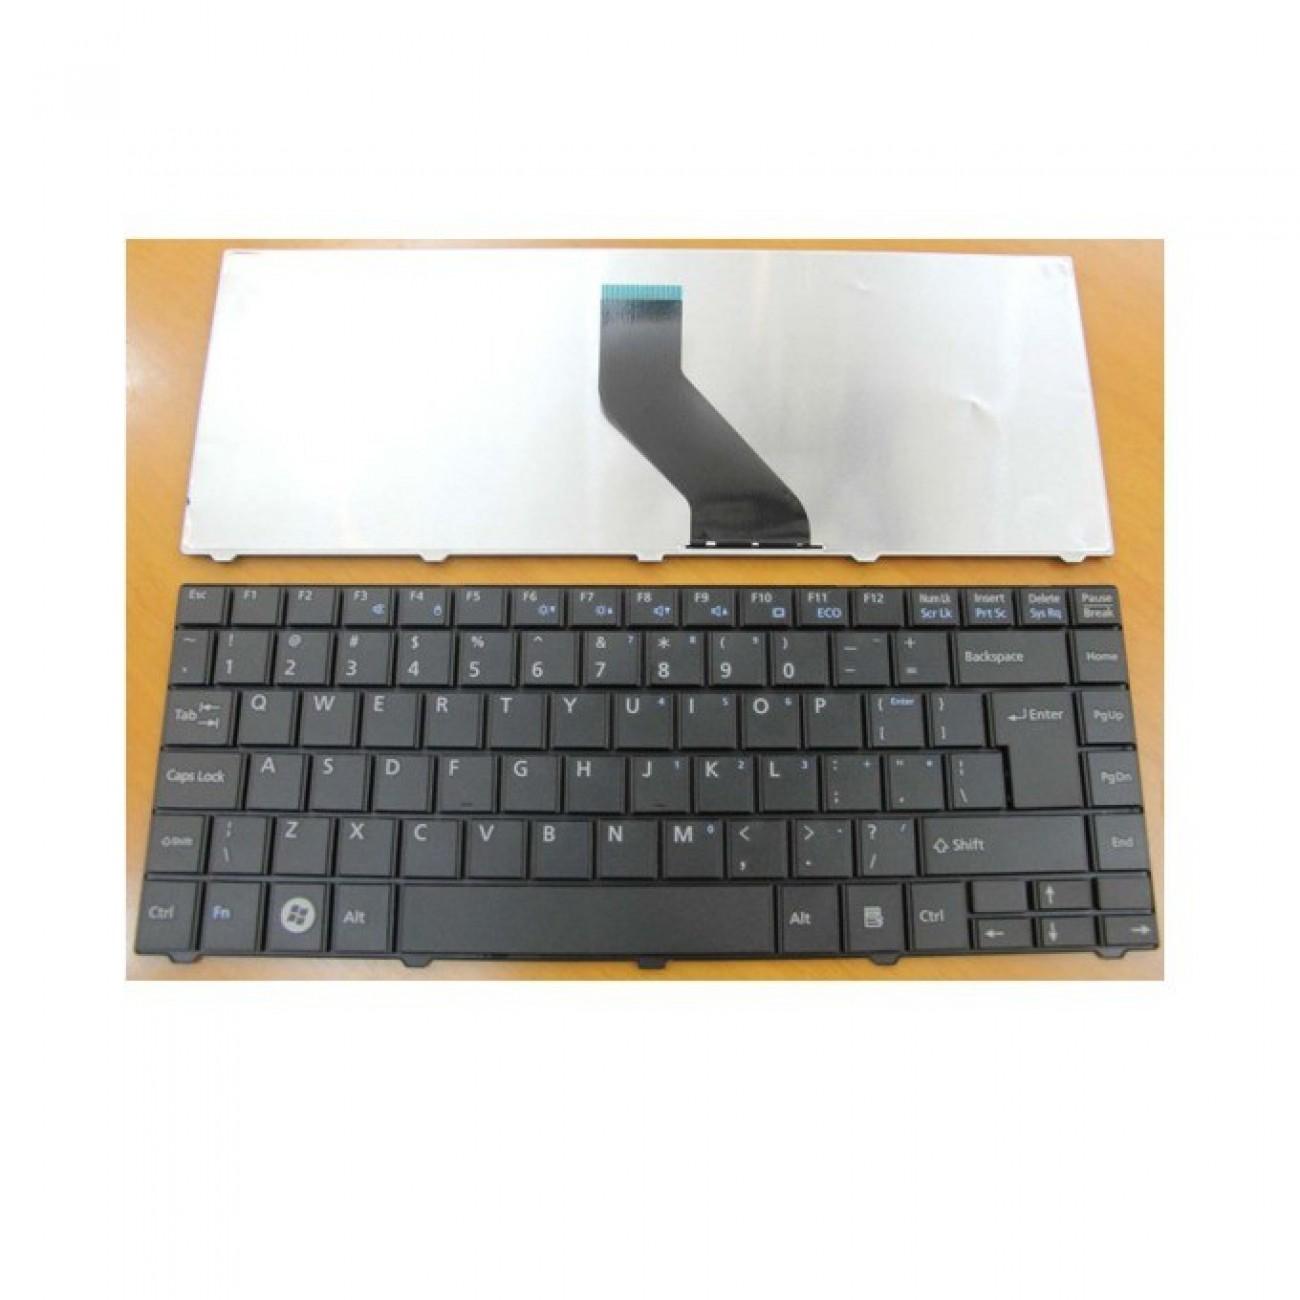 Клавиатура за Fujitsu Lifebook LH520 LH530 LH531 LH530G, черна, US с кирилица в Резервни части -  | Alleop